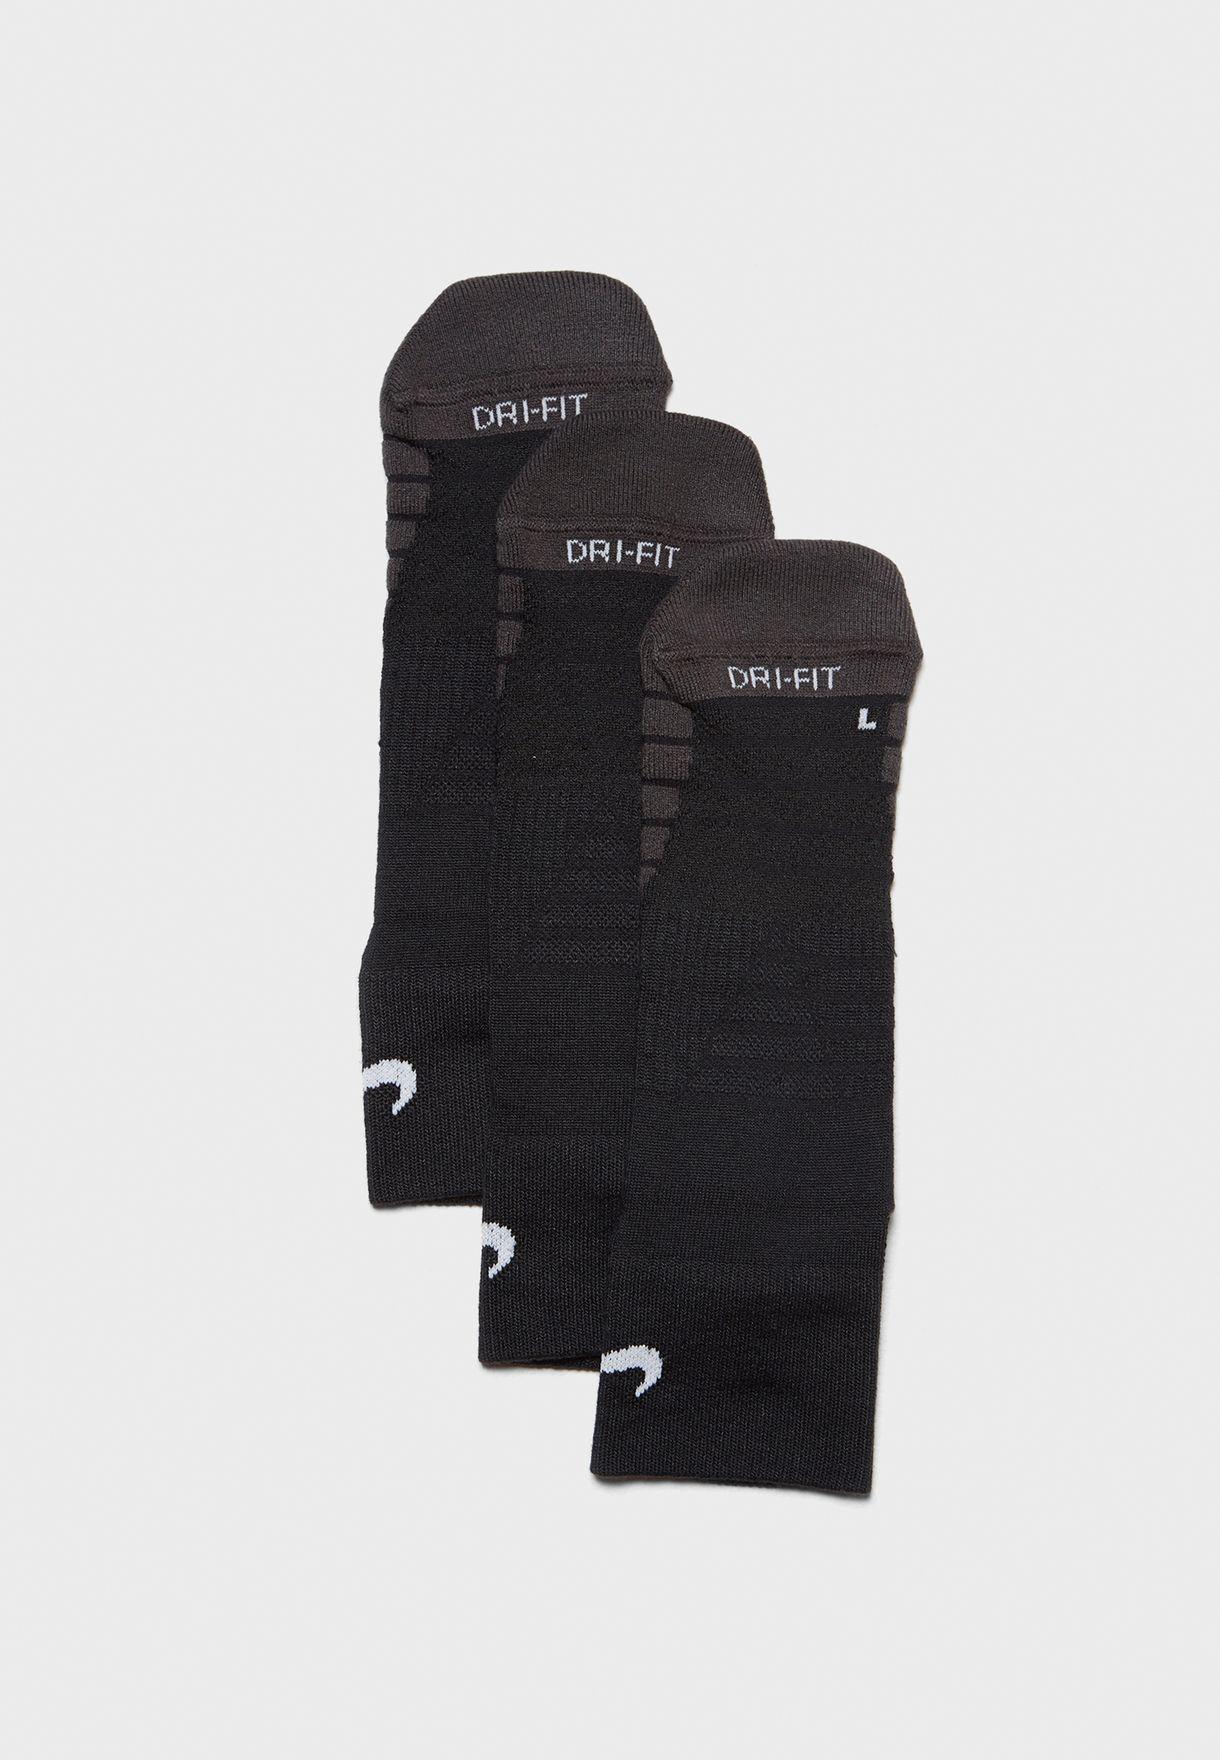 3 Pack Dri FIT Quarter Socks